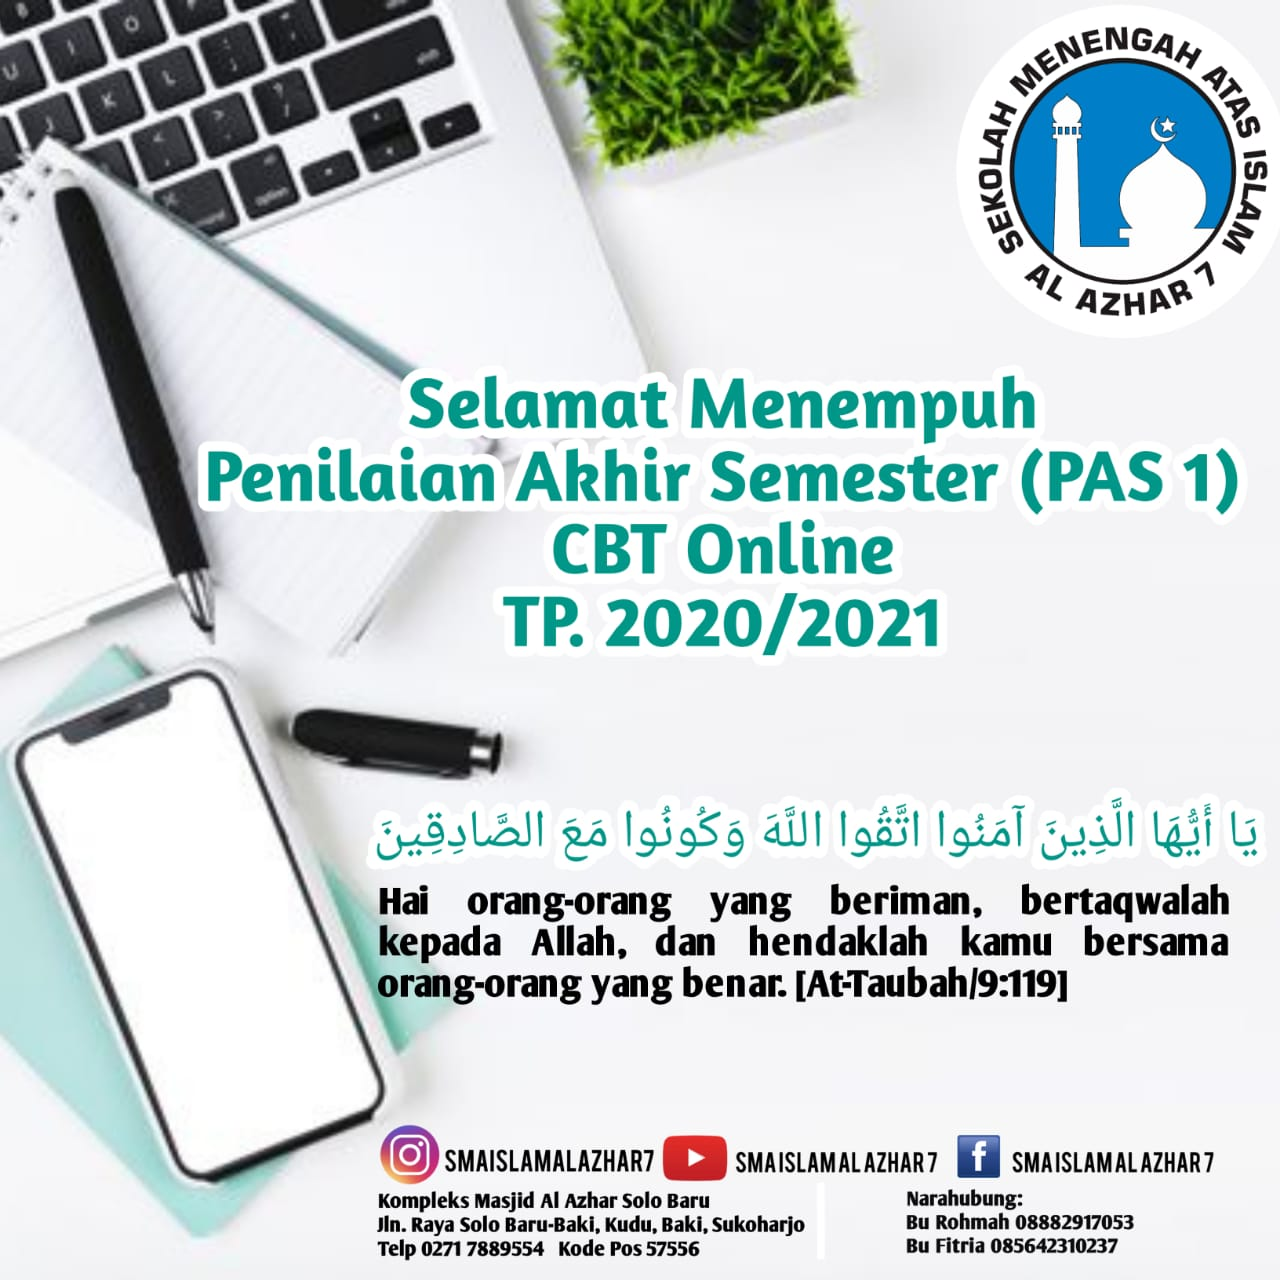 PAS AL AZHAR 2020